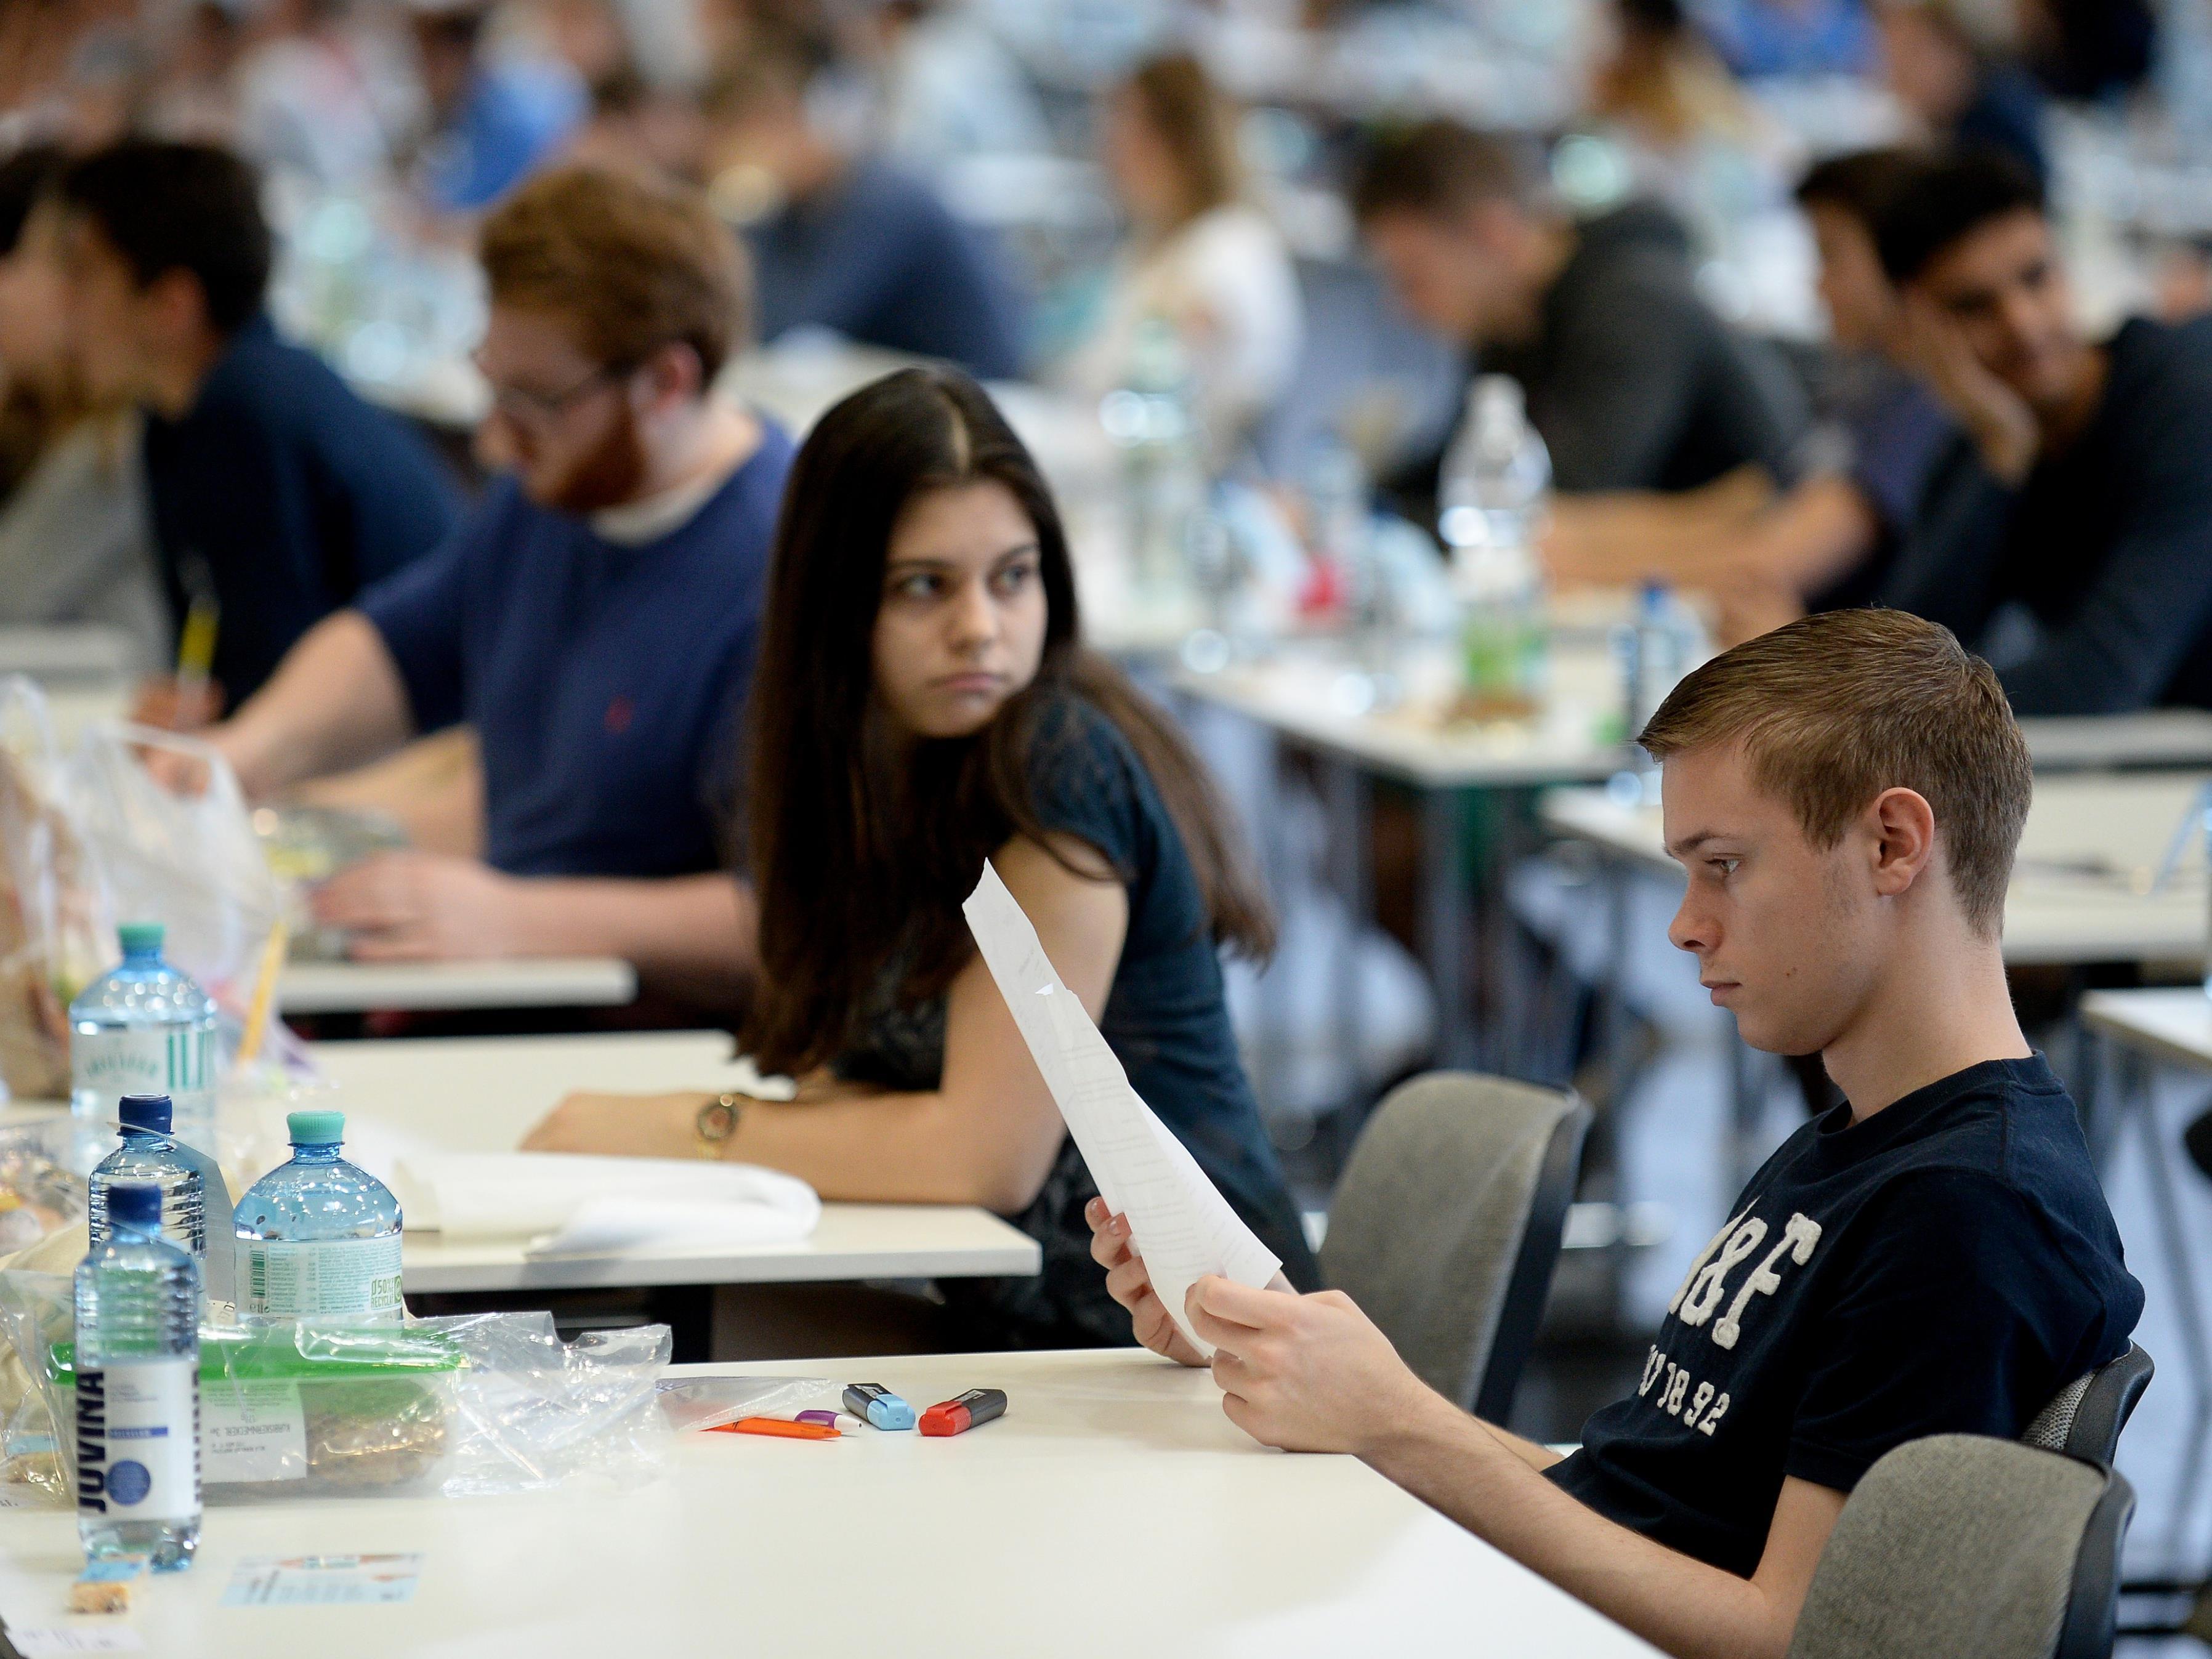 Am 14. August findet der Aufnahmetest für das Medizin-Studium statt.